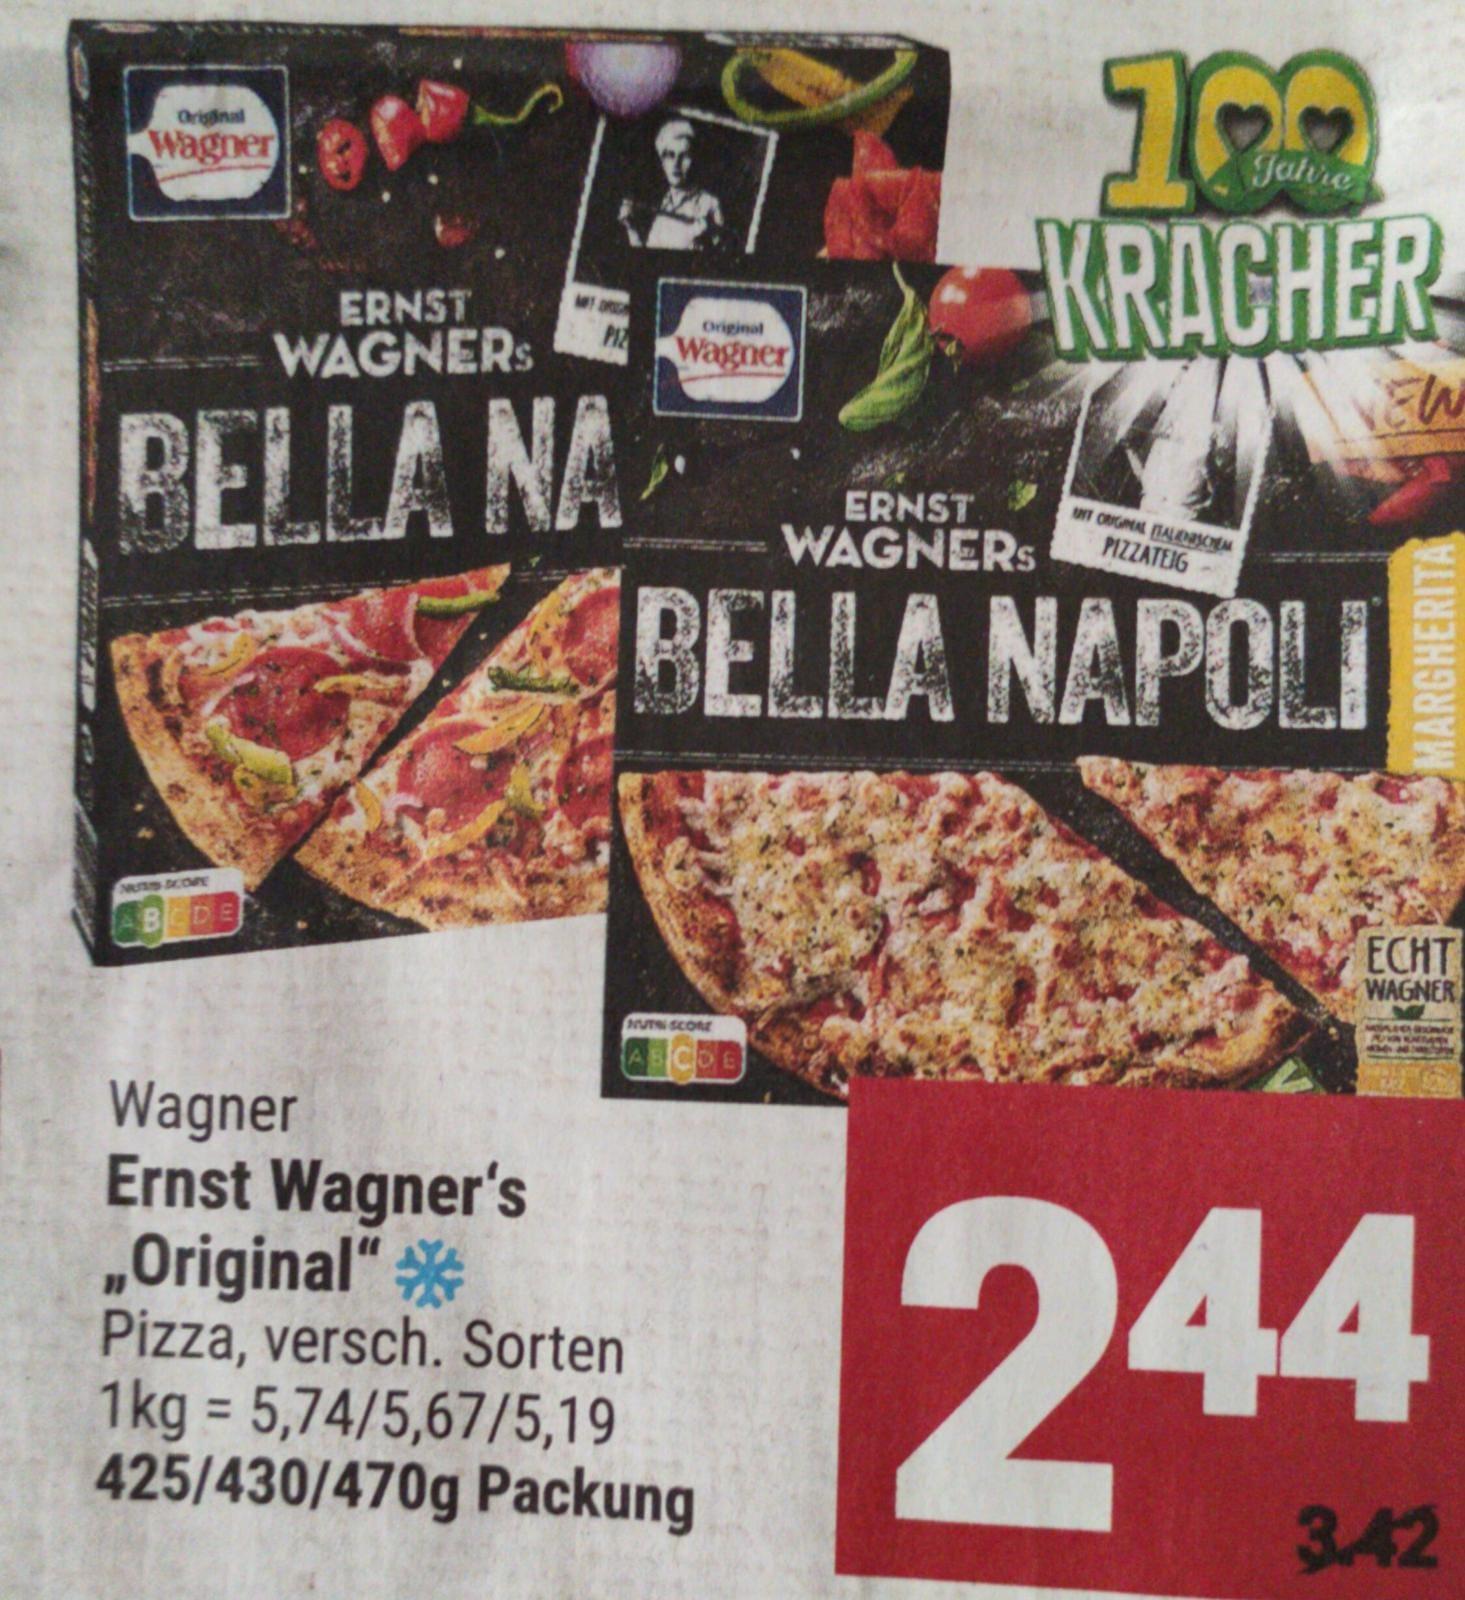 [Marktkauf Minden-Hannover] WAGNER Bella Napoli mit Coupon für 1,44€